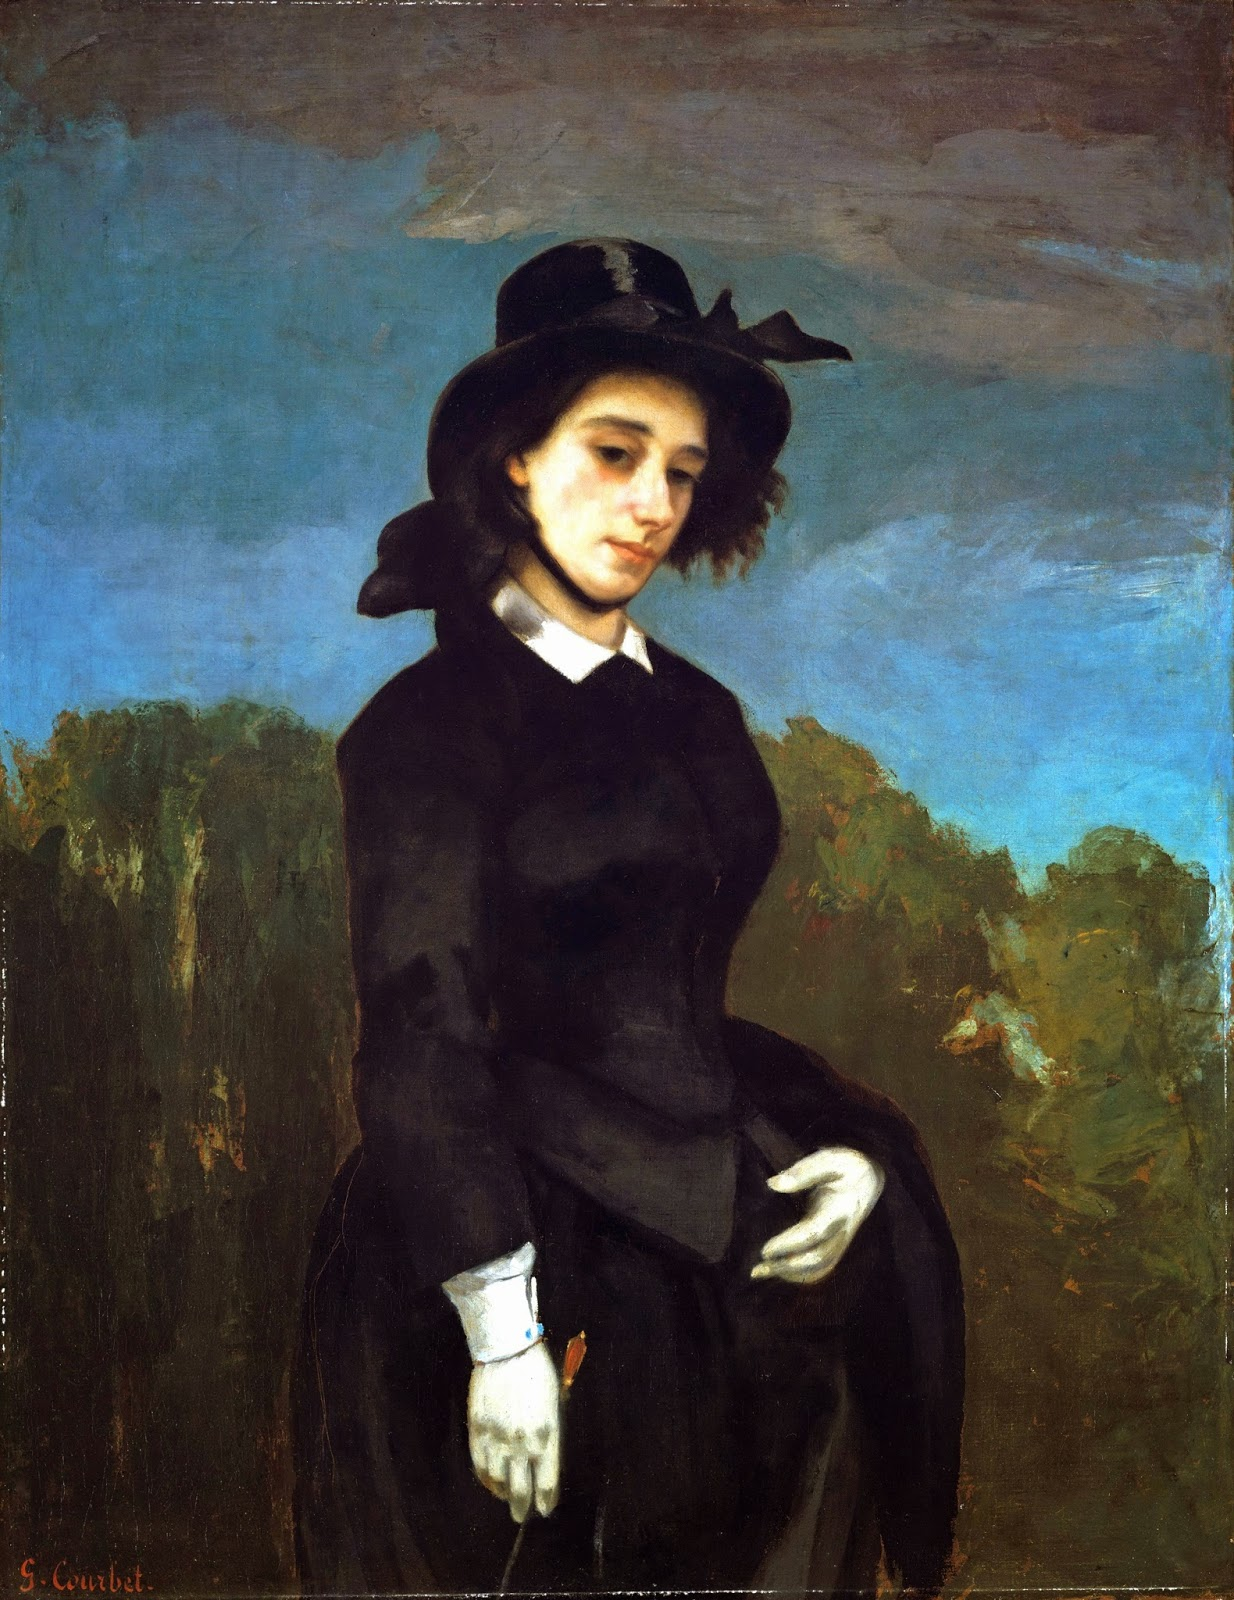 Peinture Française du 19ème Siècle: Gustave Courbet (1856)